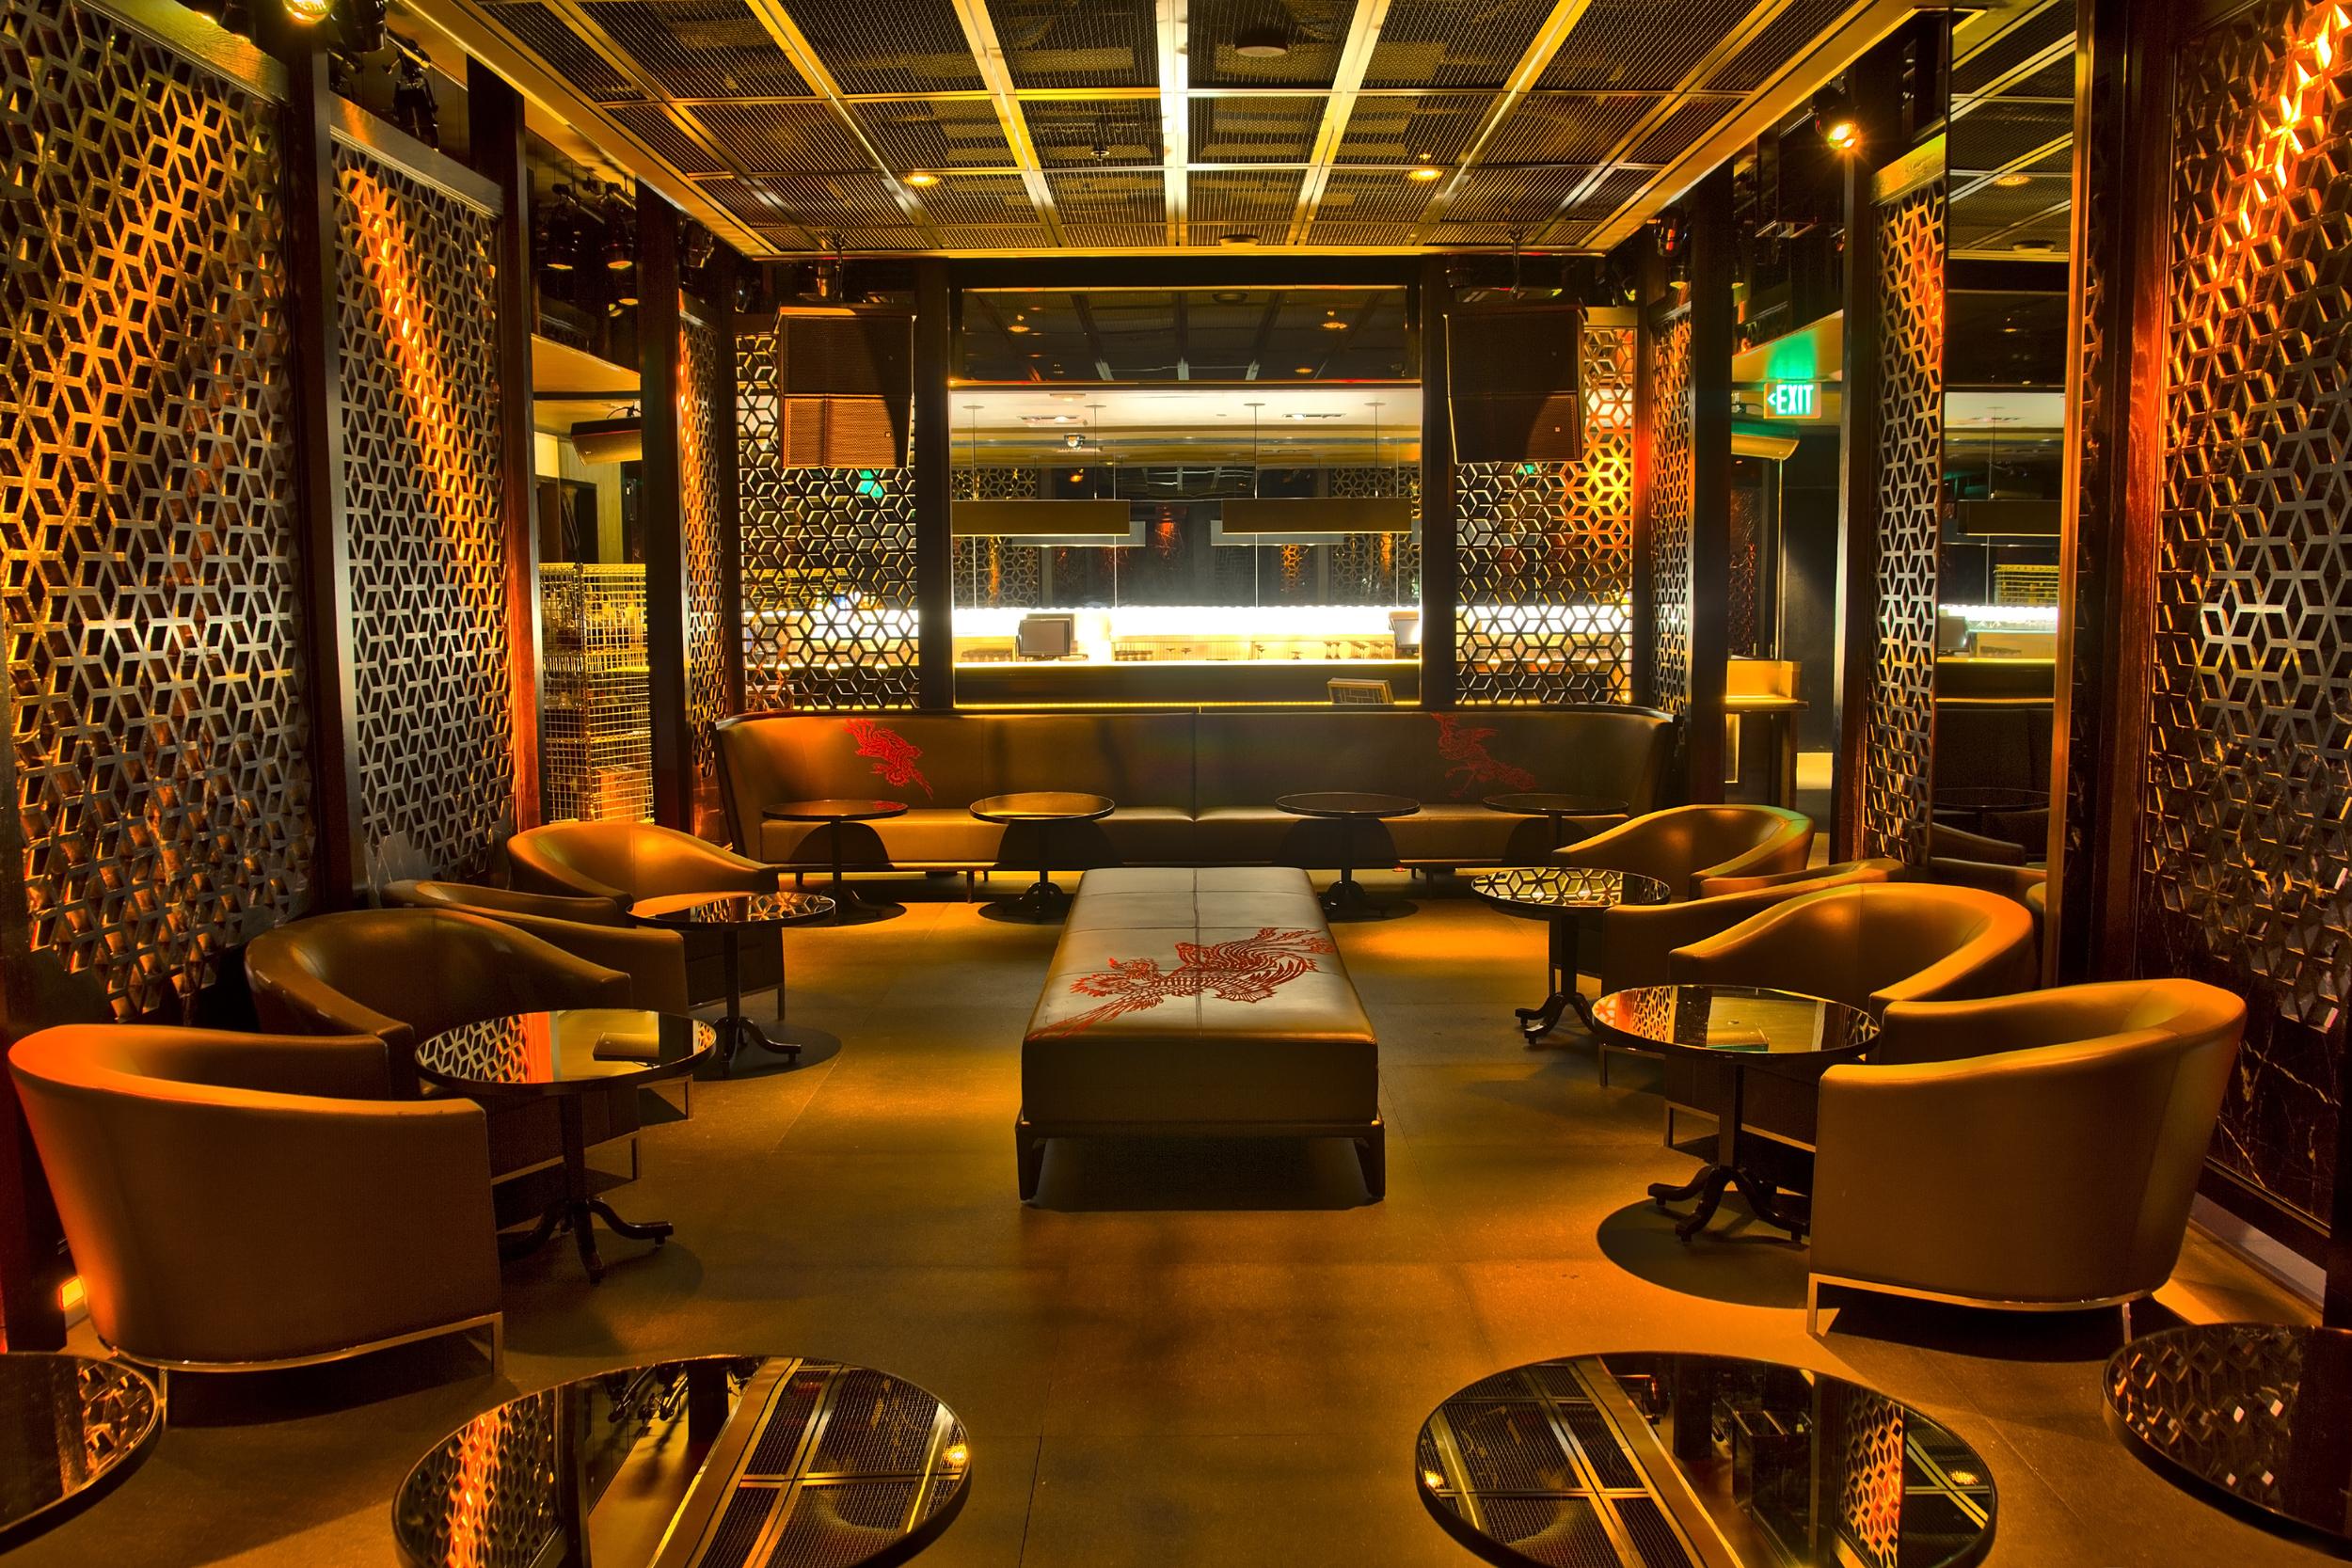 Ling Ling Lounge @ Hakkasan Nightclub, Las Vegas